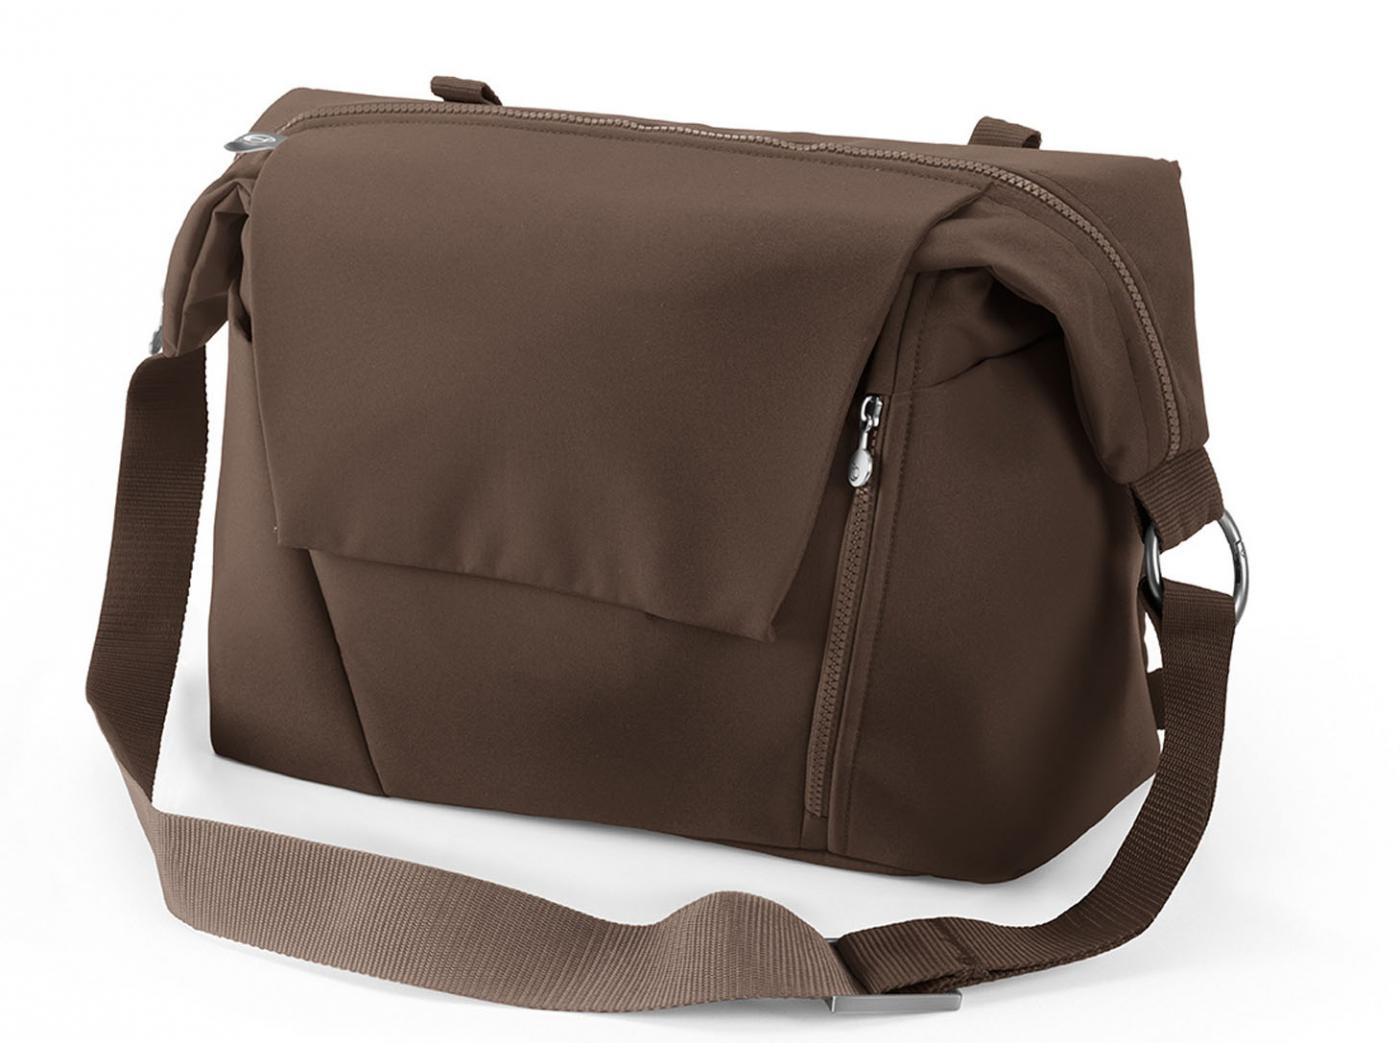 stokke nouveau sac langer marron pour poussette stokke avec deux modes de portage. Black Bedroom Furniture Sets. Home Design Ideas